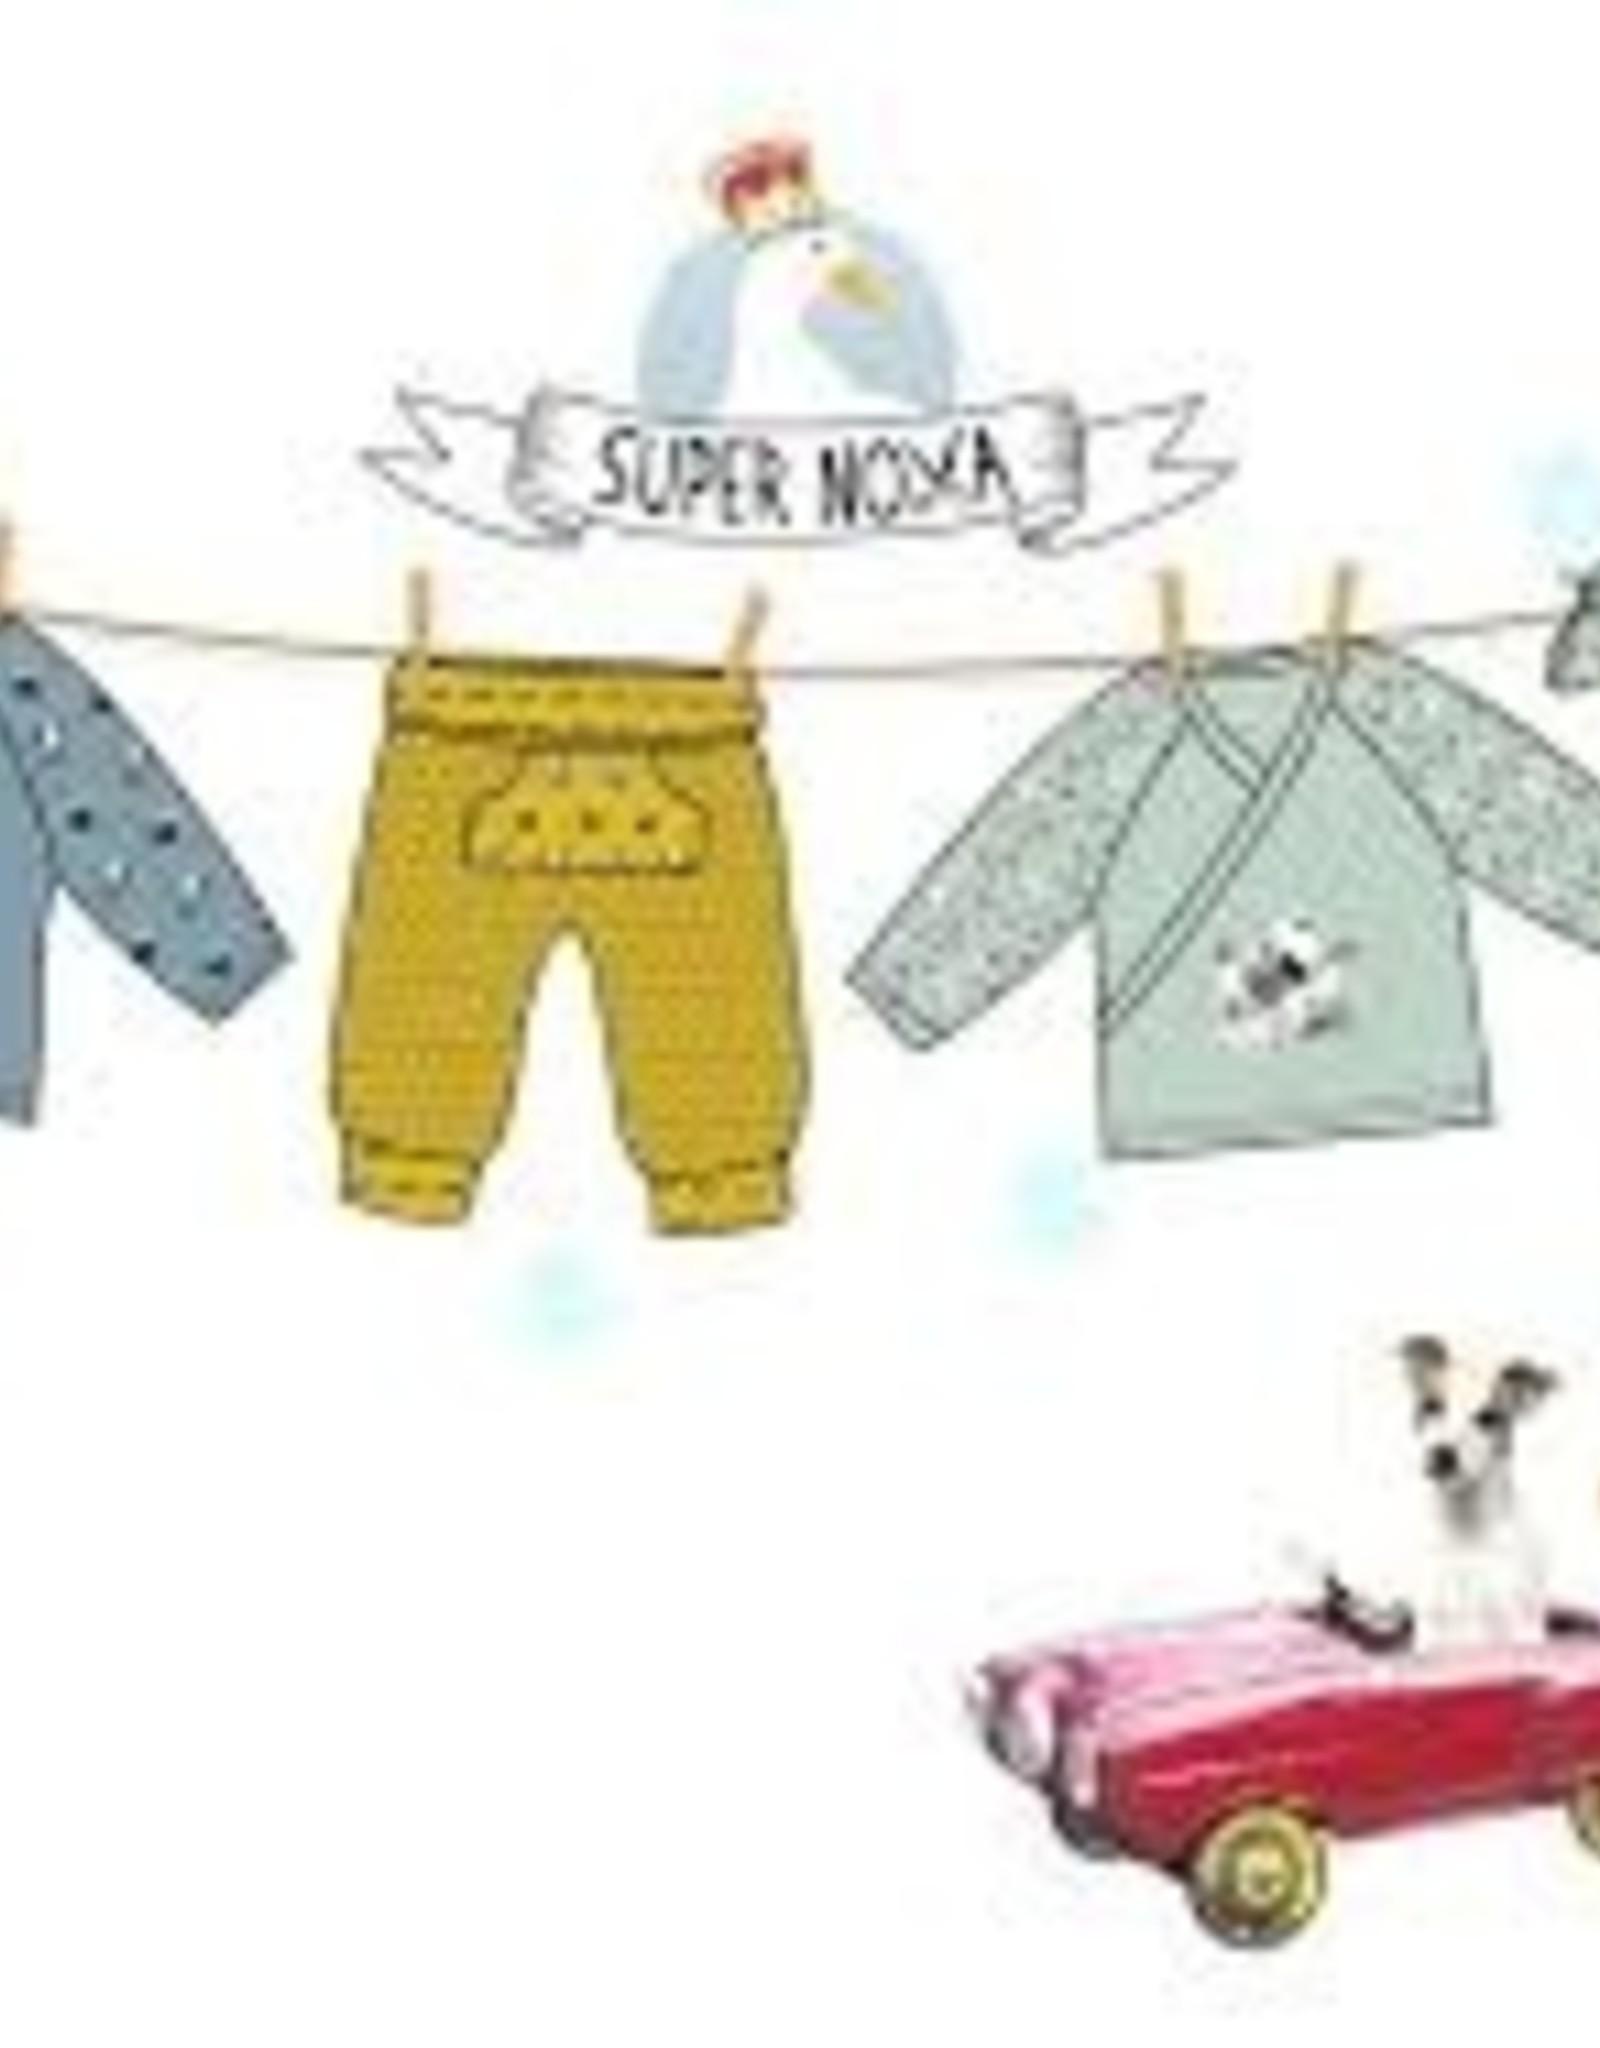 Super Nova Lucca - Super Nova